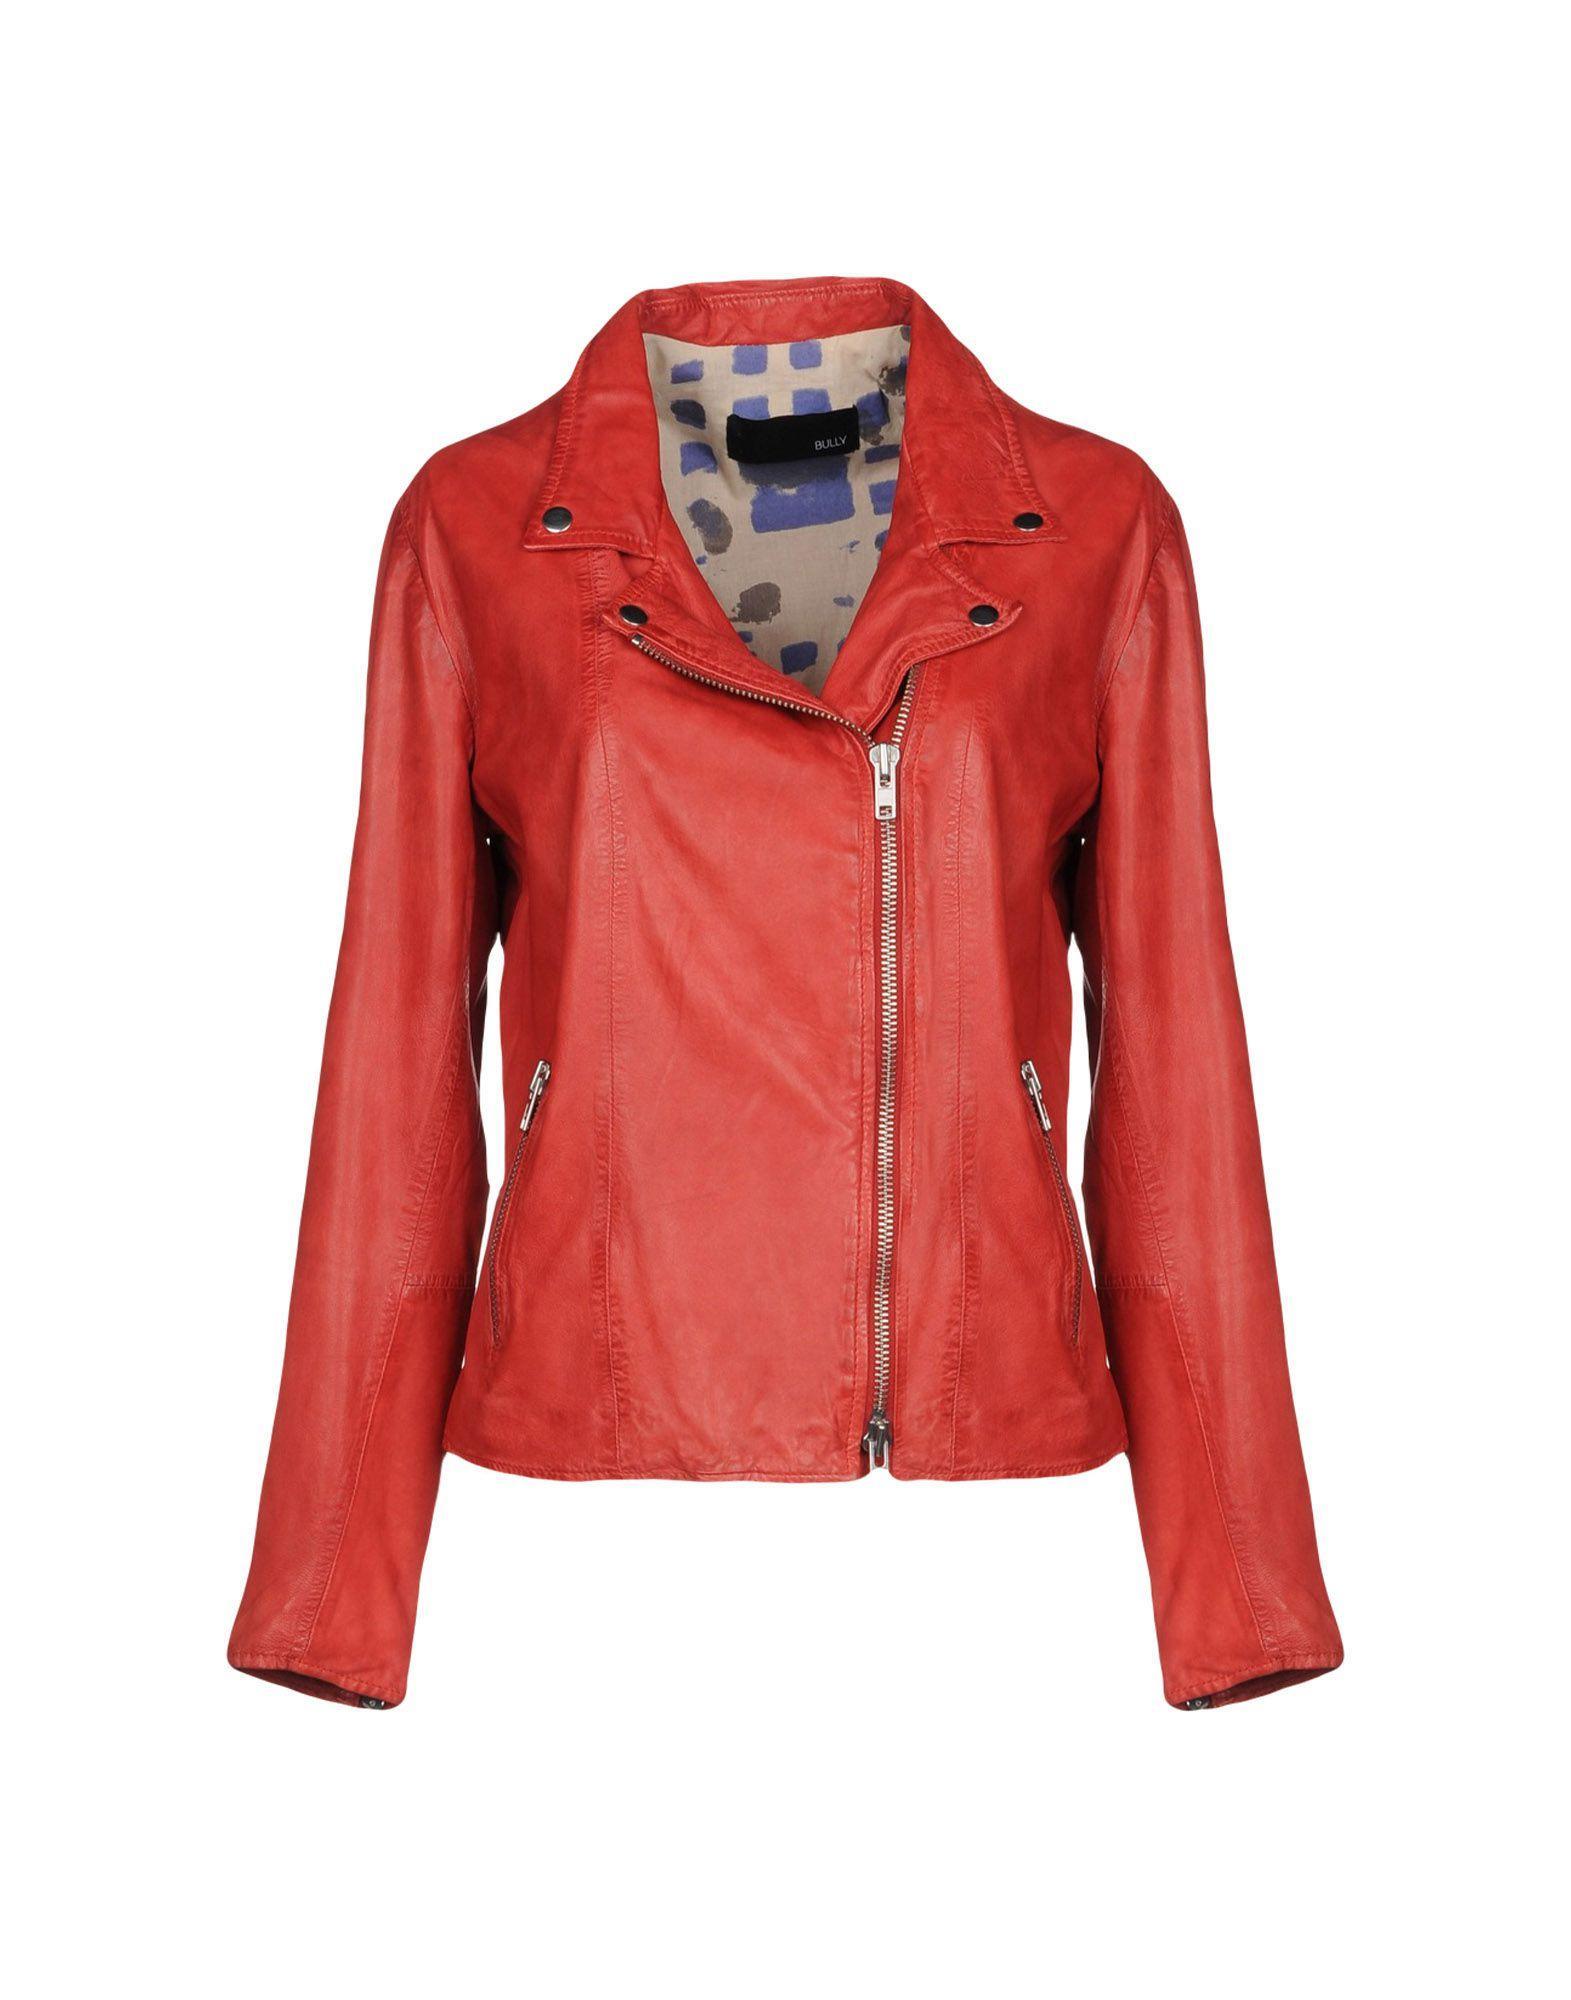 Bully Biker Jacket In Red